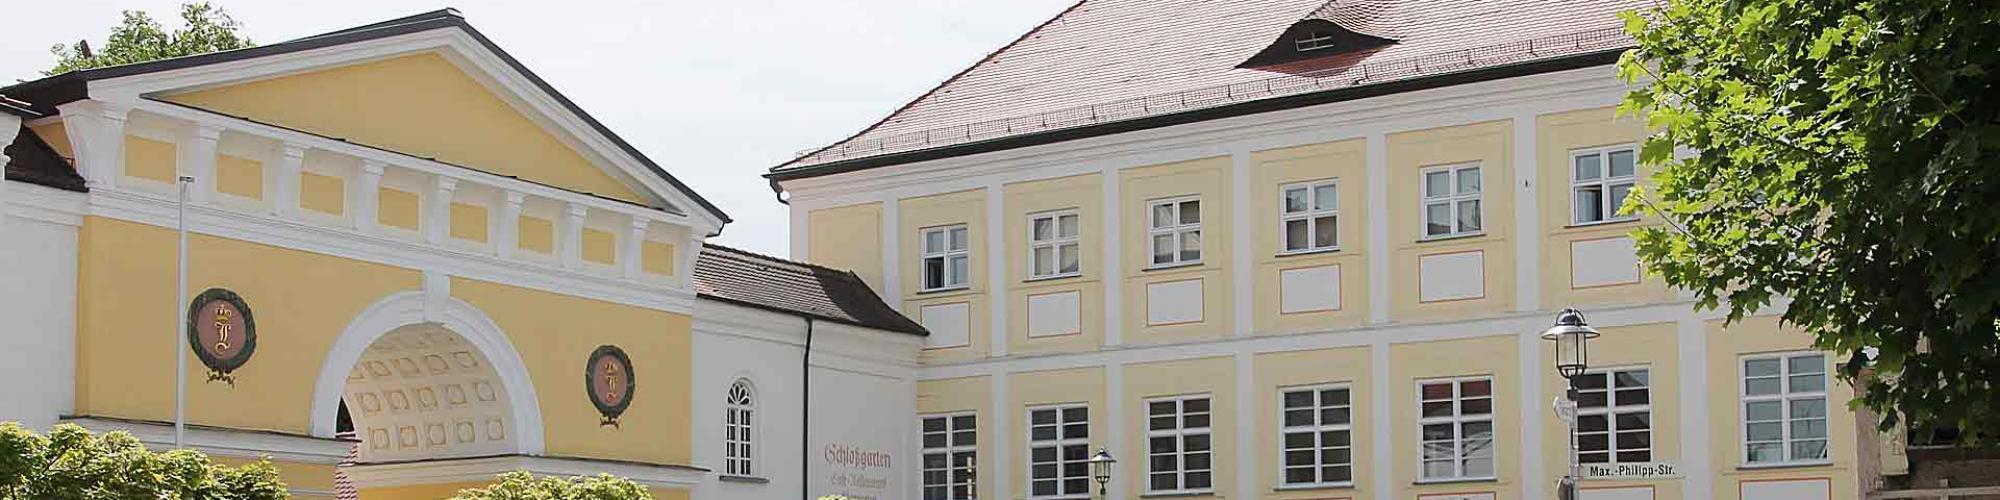 Prestele & Partner Steuerberatungsgesellschaft mbB